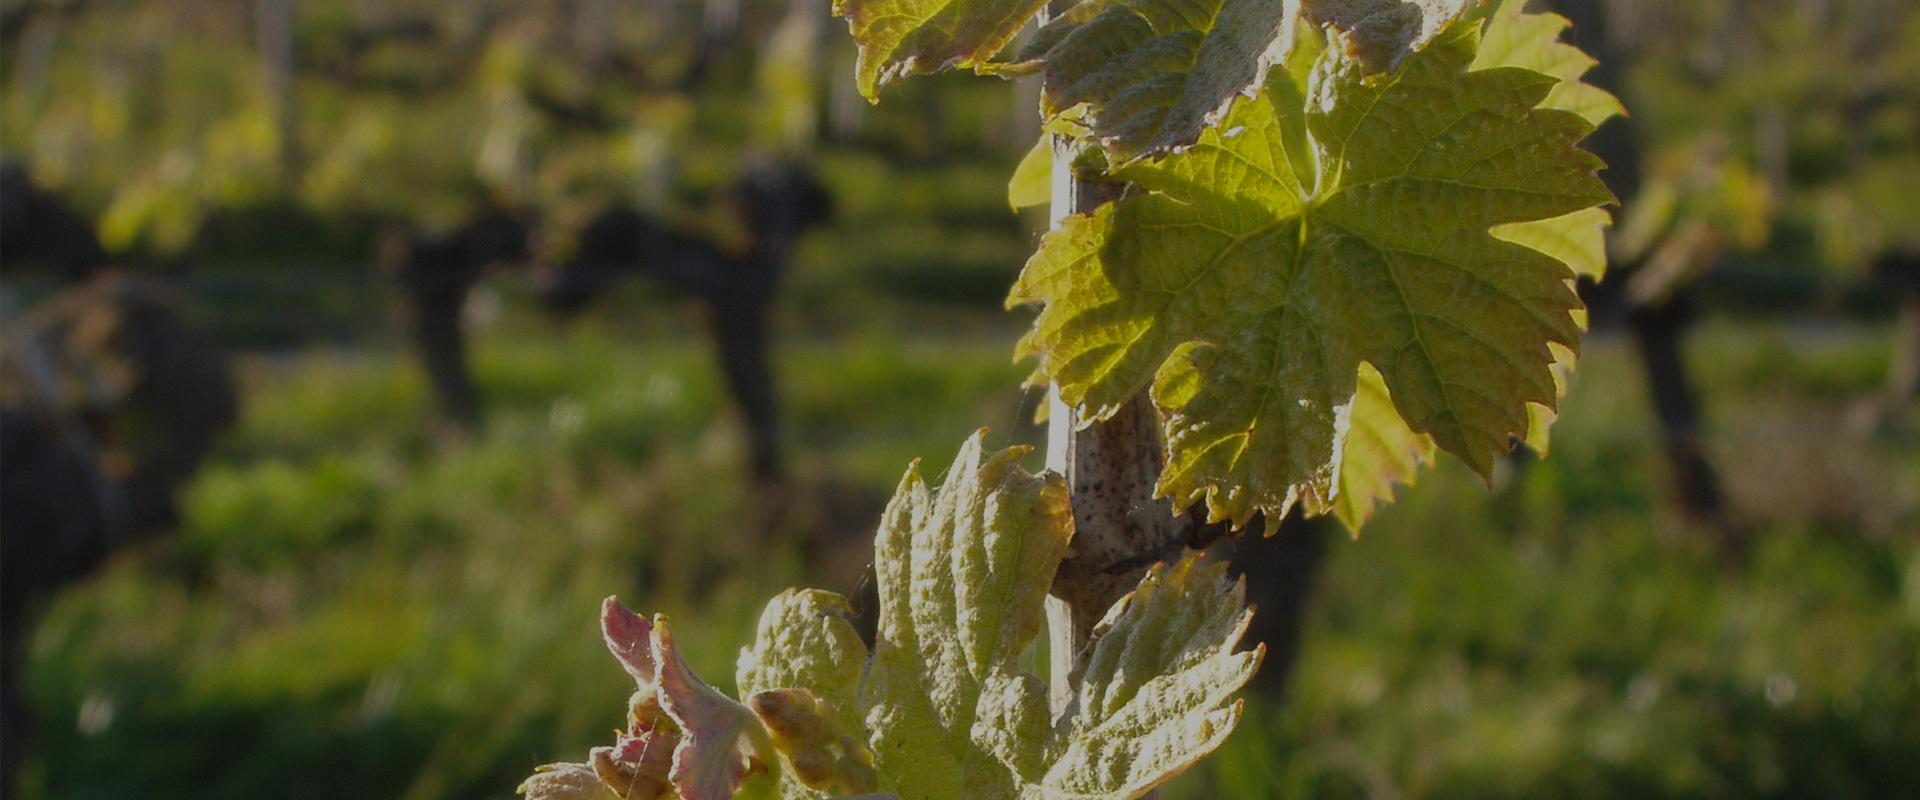 feuilles de vignes Château L'Inclassable